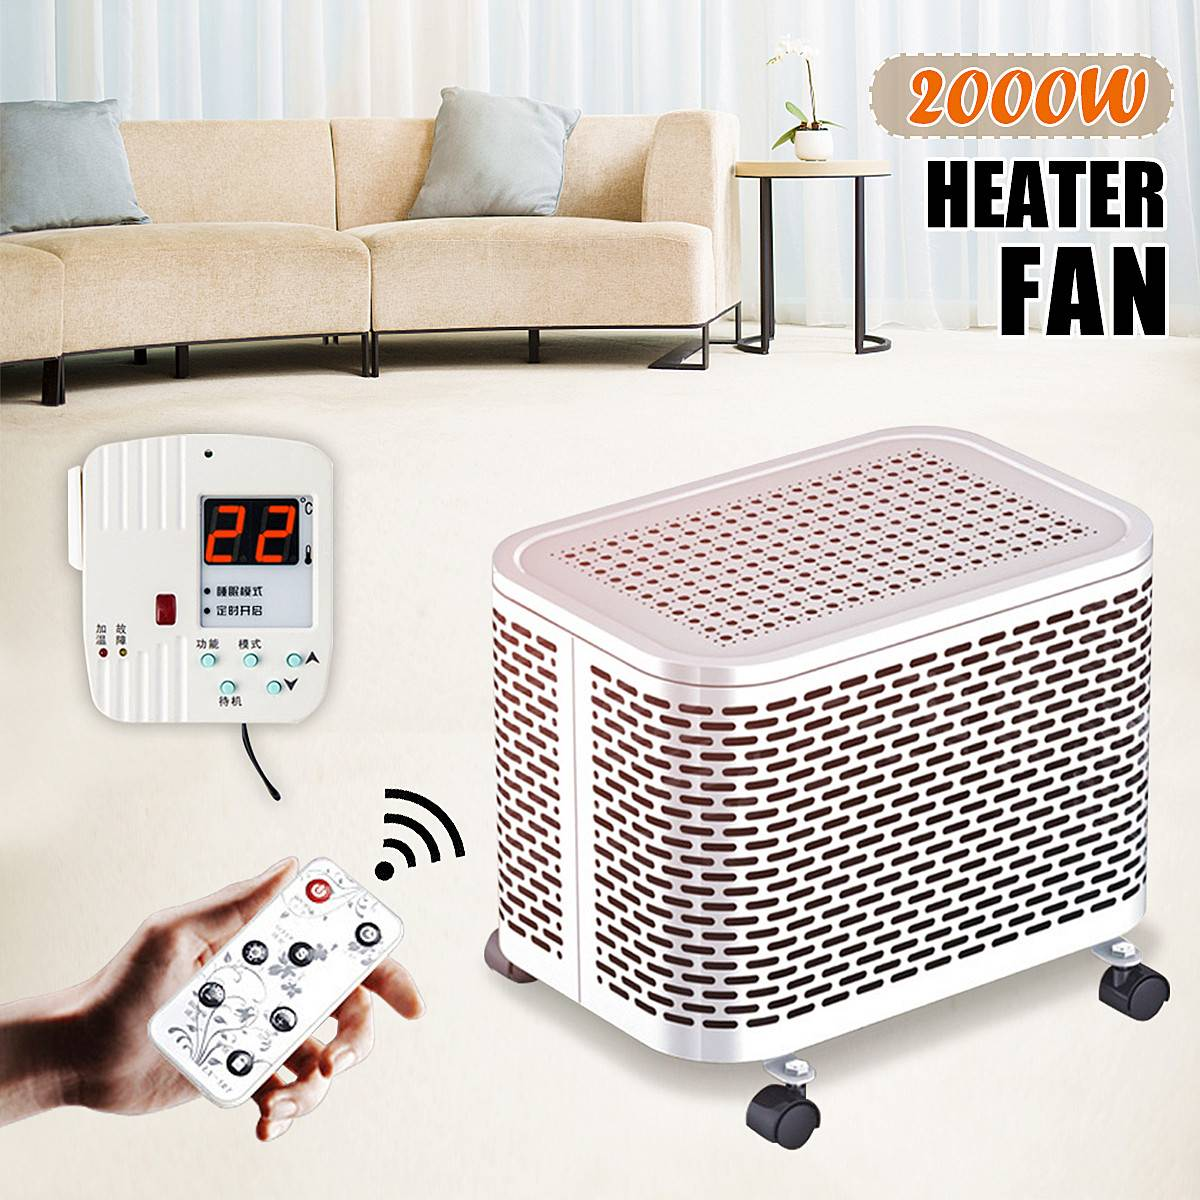 Stufa elettrica portatile regolabile handy heater cerca for Handy heater stufa